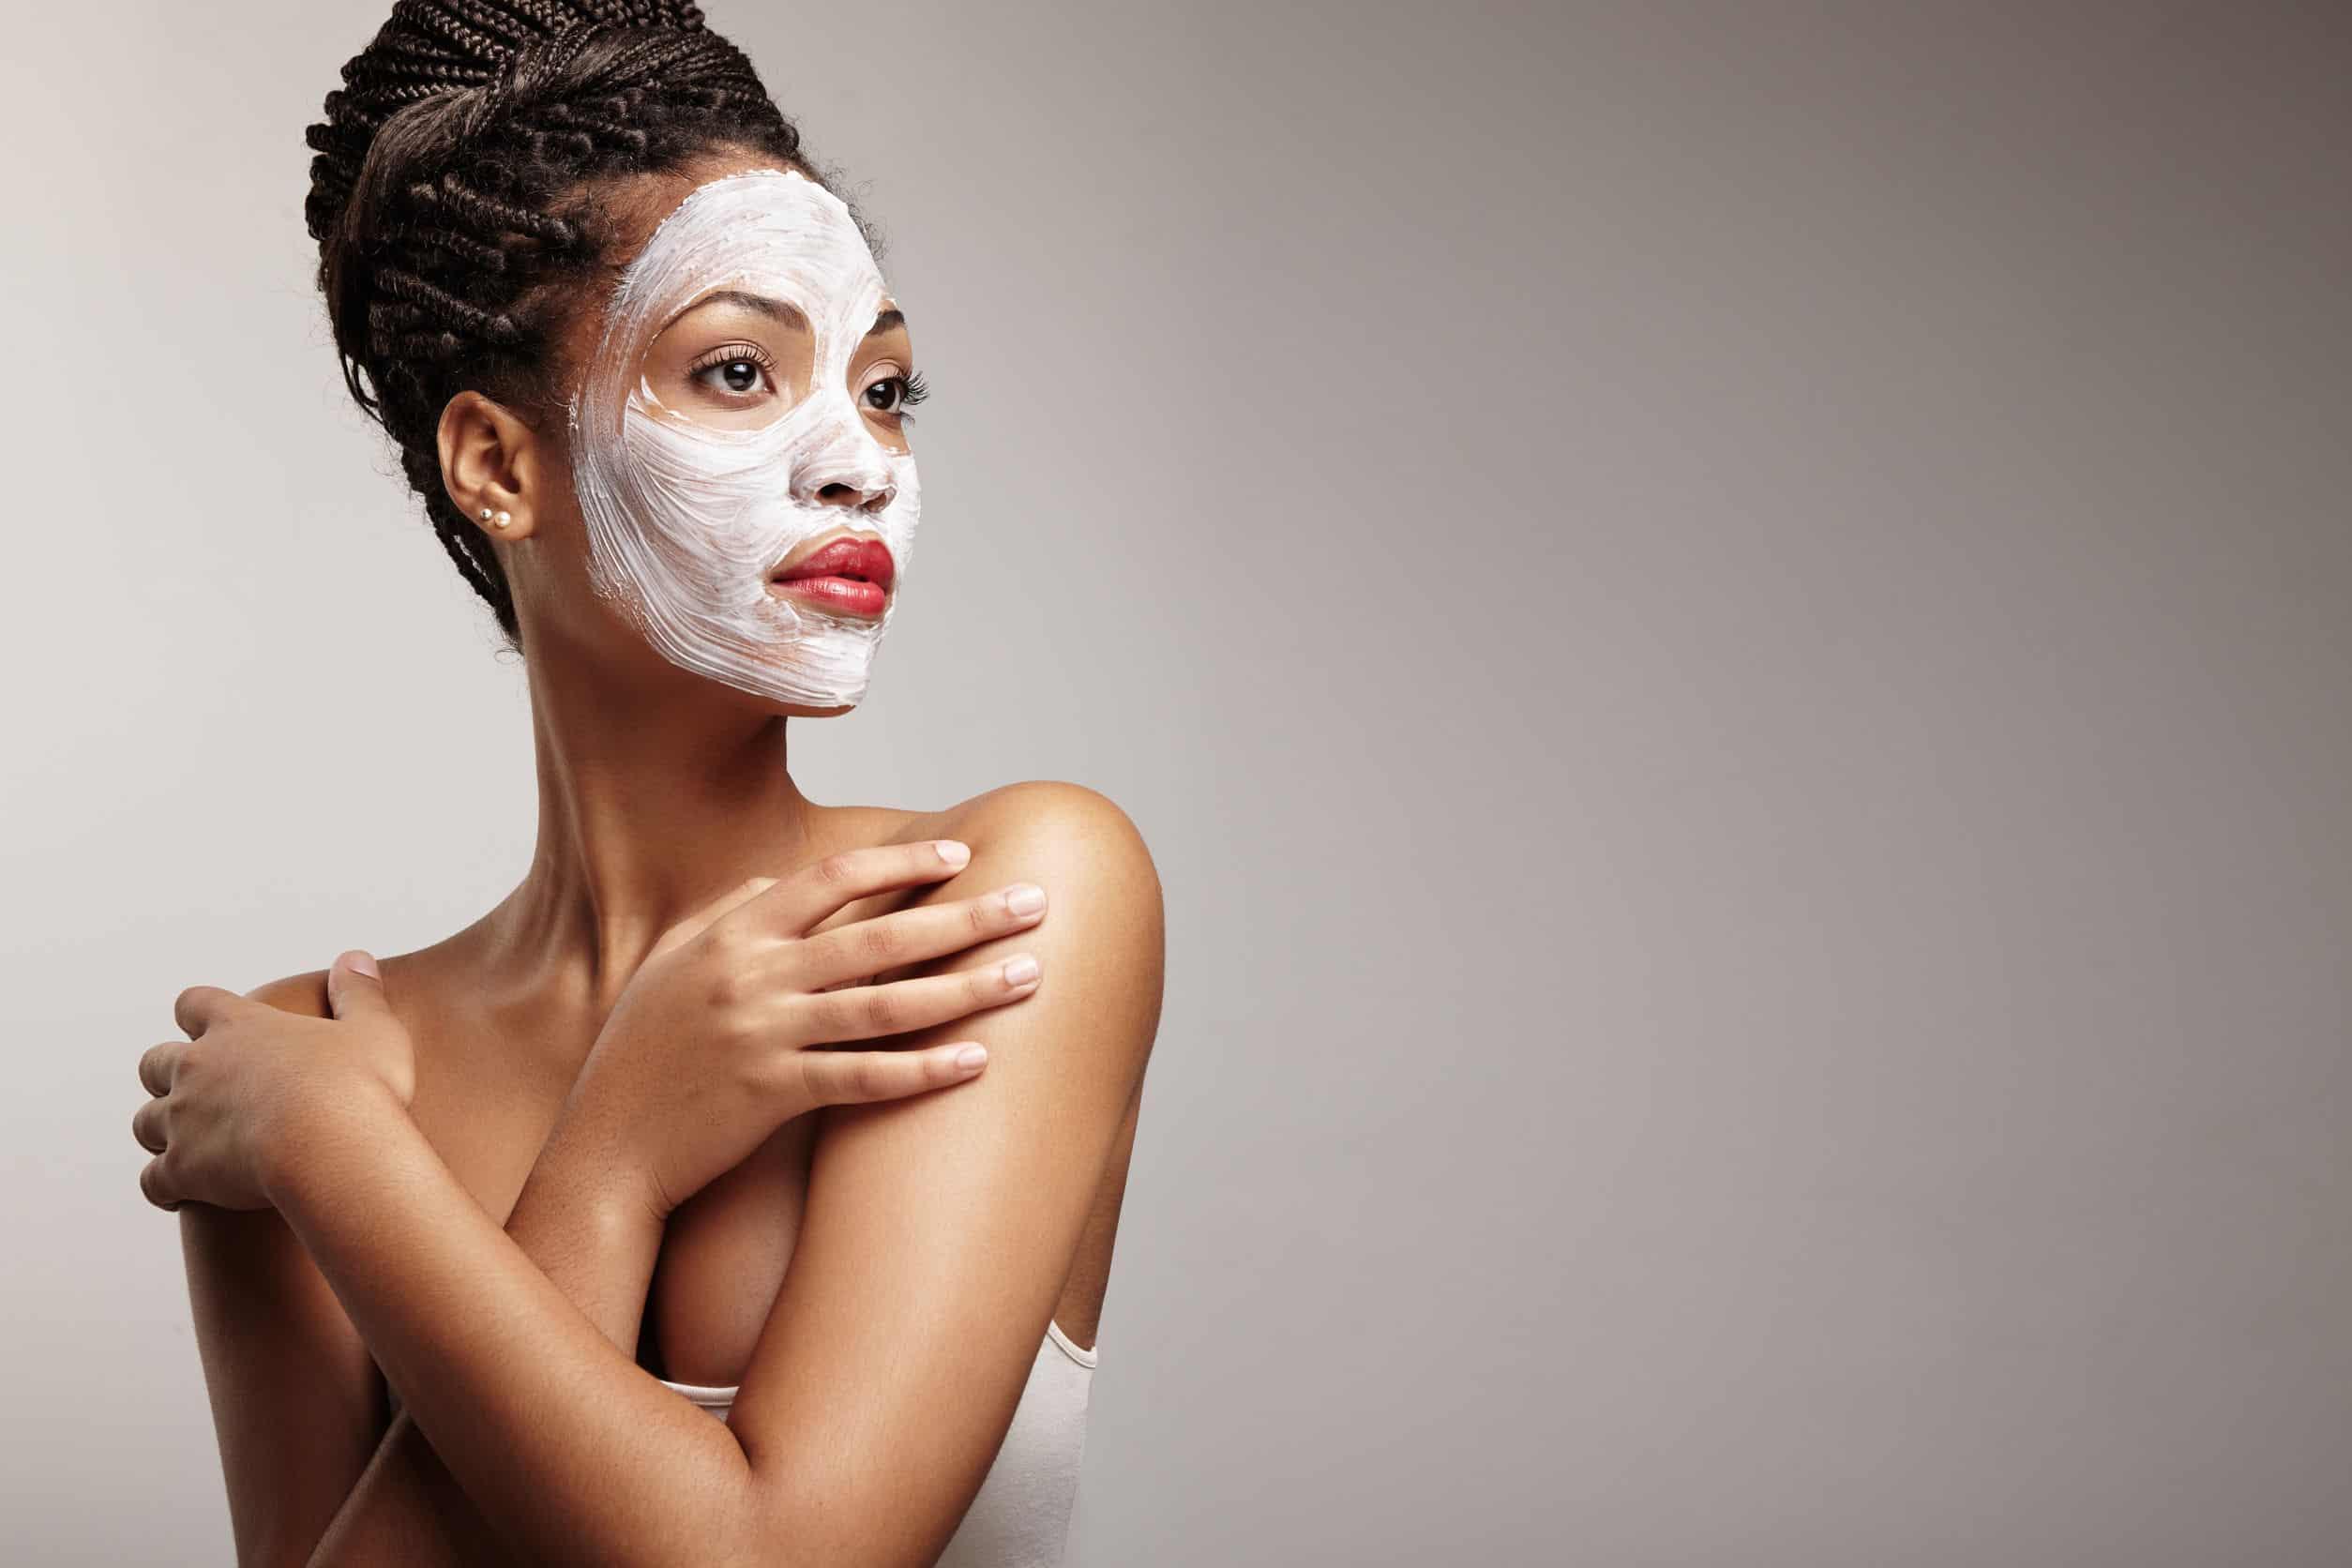 Gesichtsreinigungsbürste: Test & Empfehlungen (11/20)